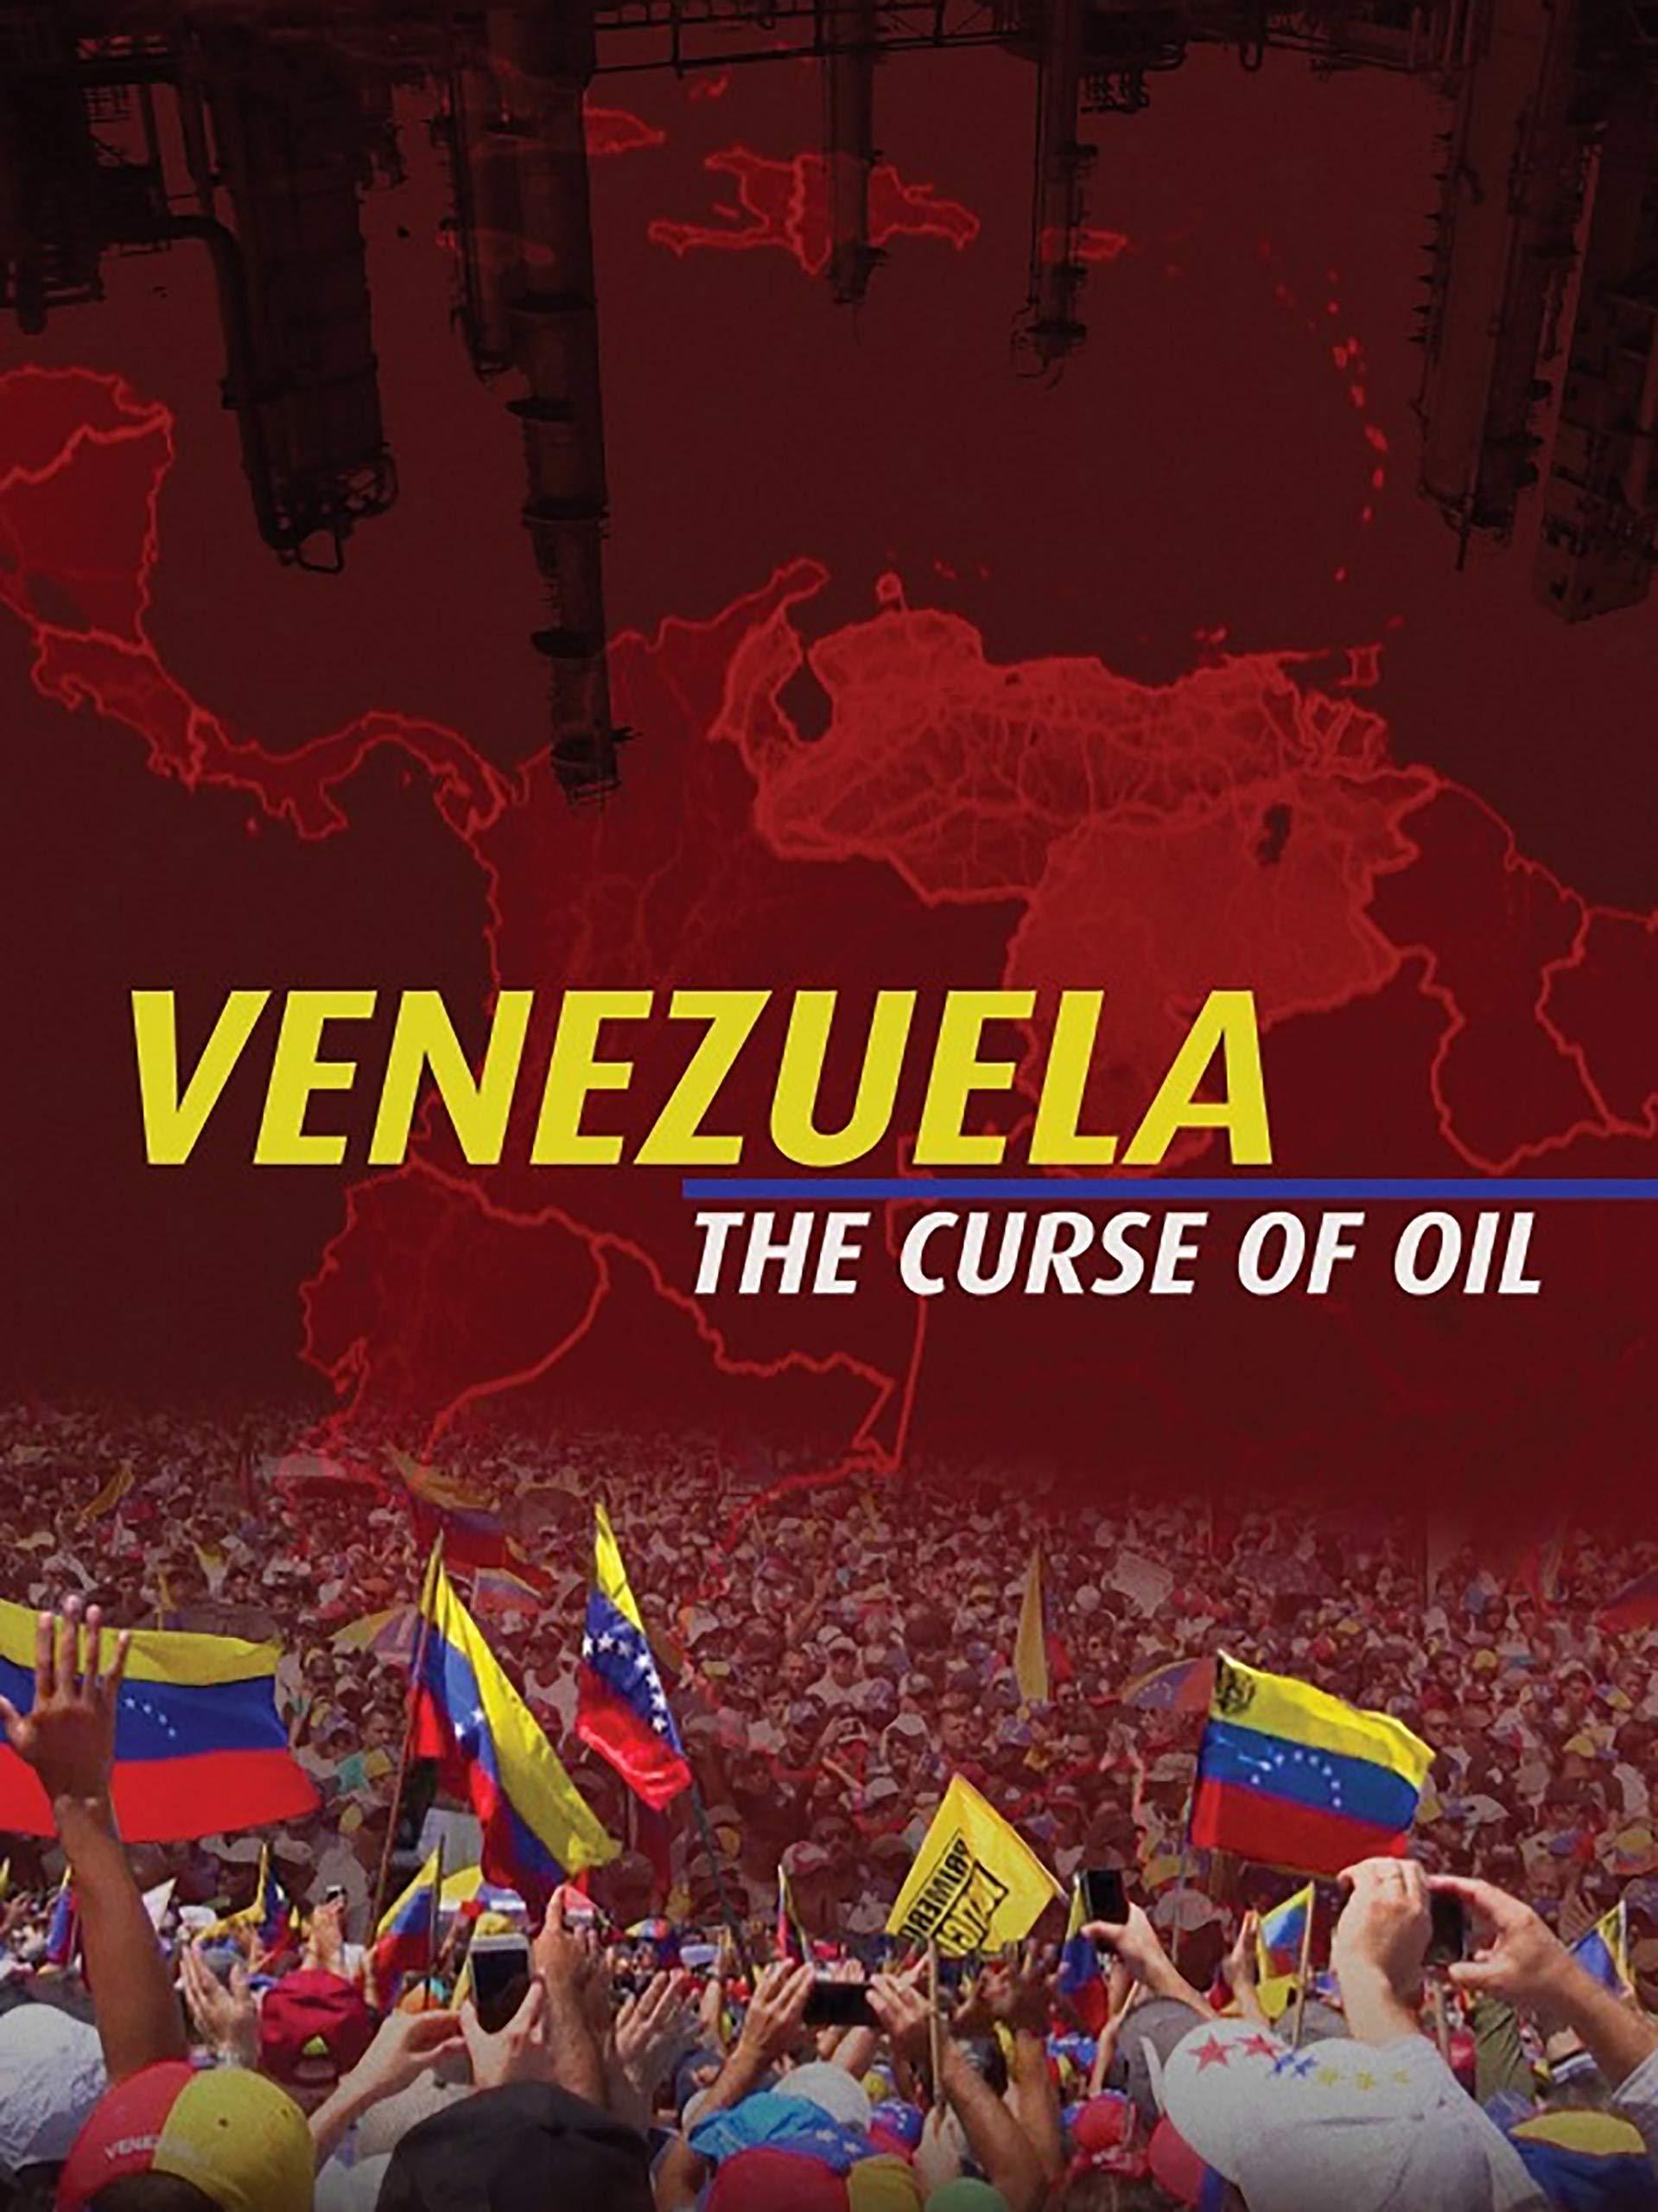 Venezuela, the Curse of Oil